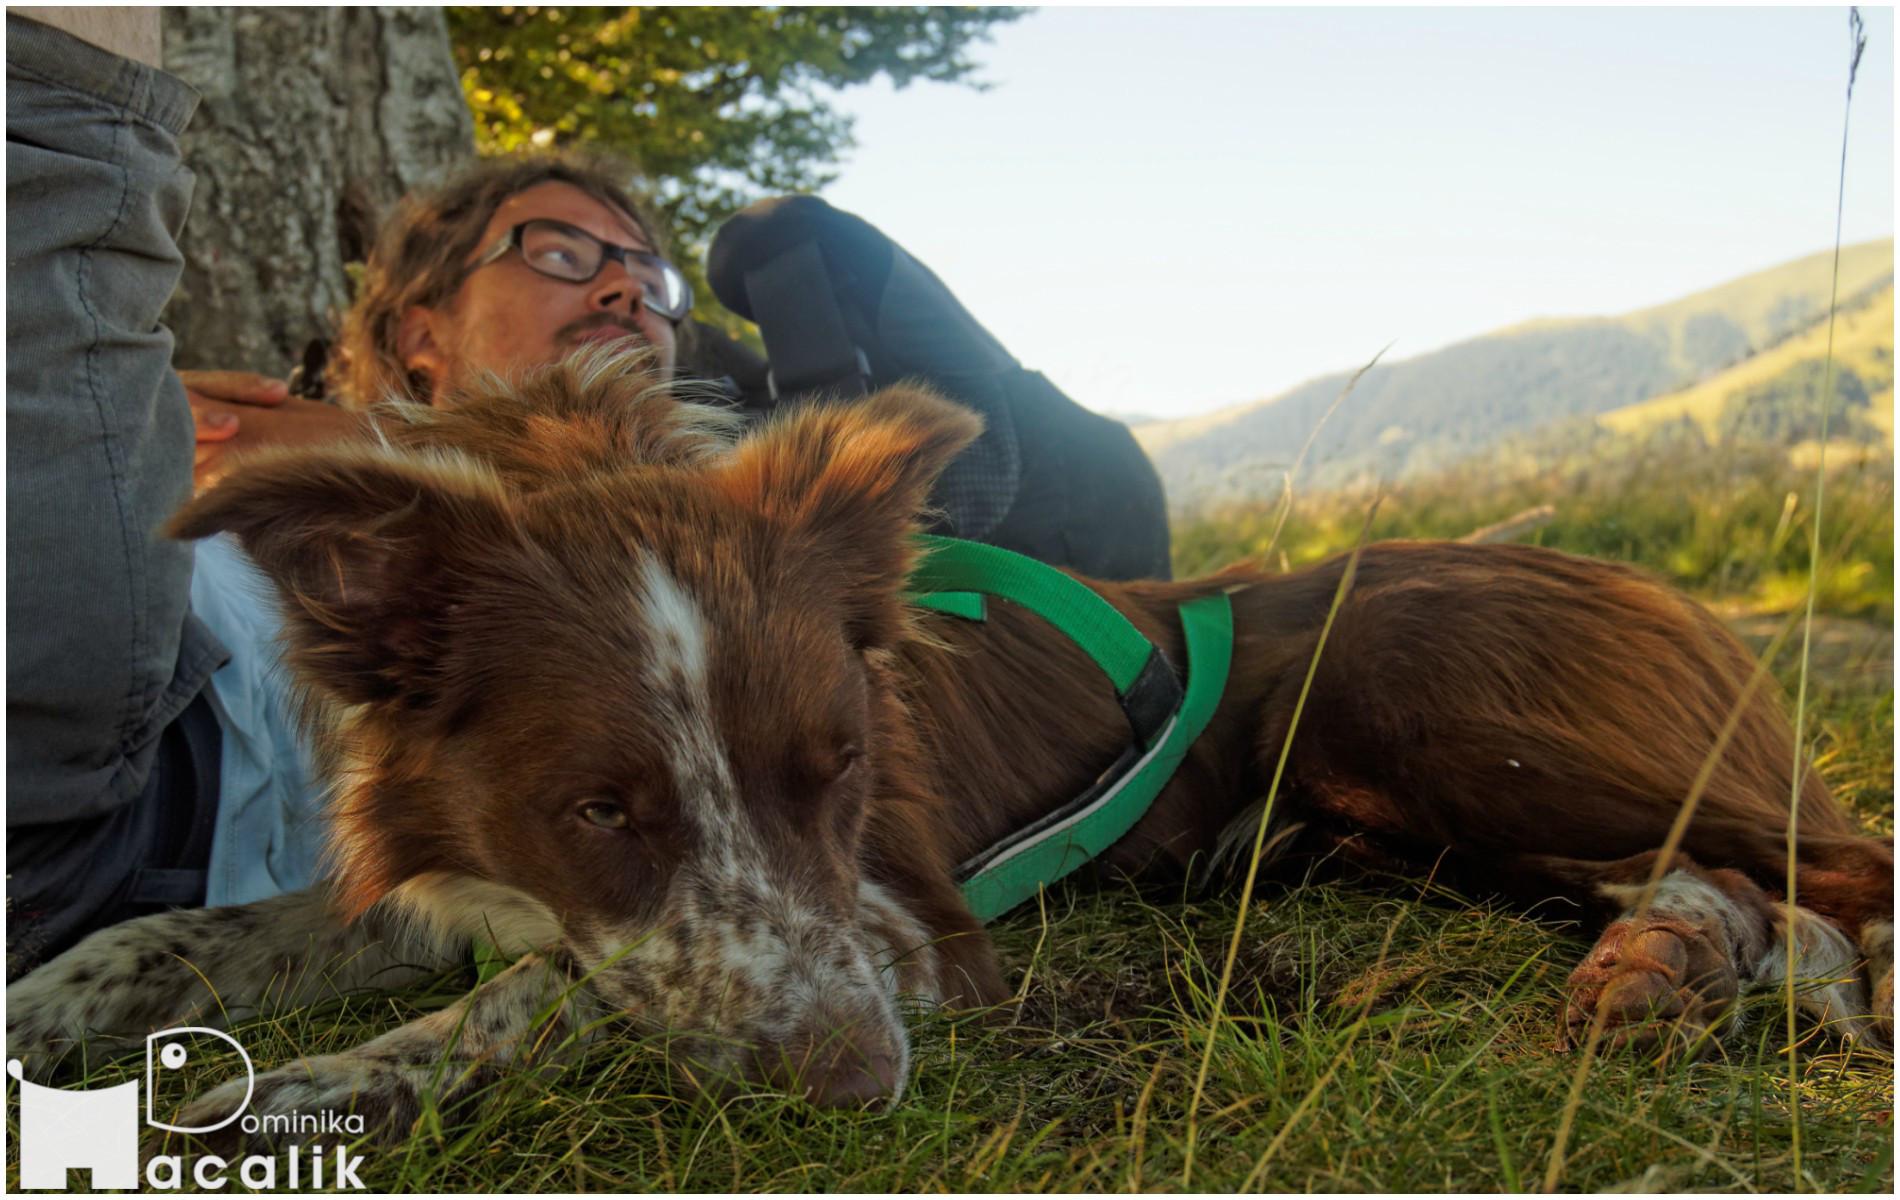 Podczas wakacji z psem ważny jest także wypoczynek - na zdjęciu Tomek i Punky wylegują się w cieniu